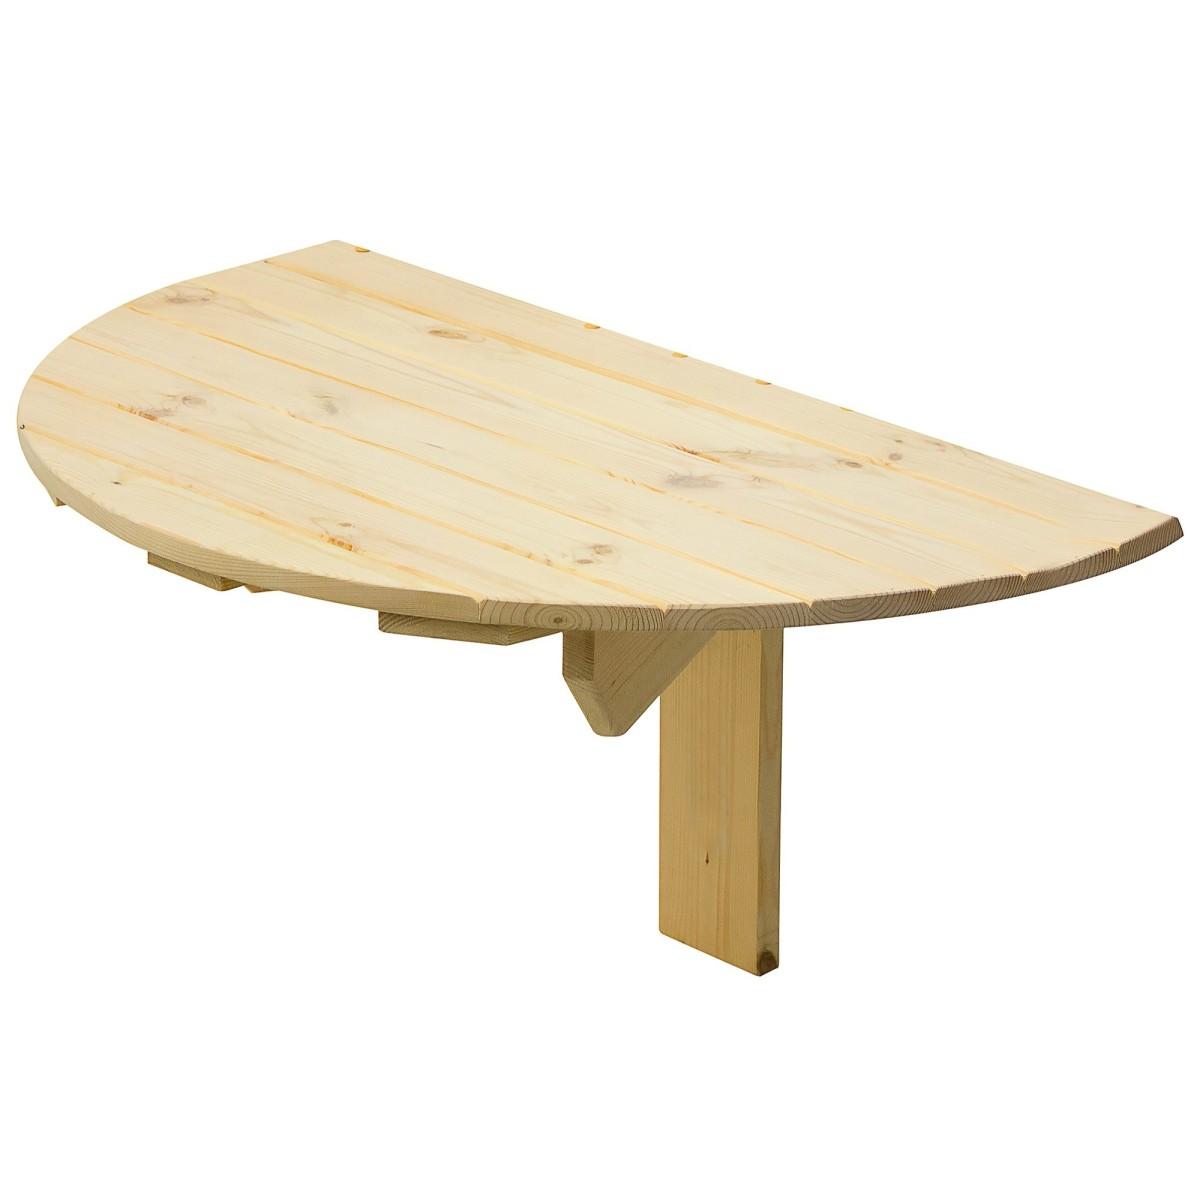 Стол навесной пристенный откидывающийся полукруглый 80x50x42 см